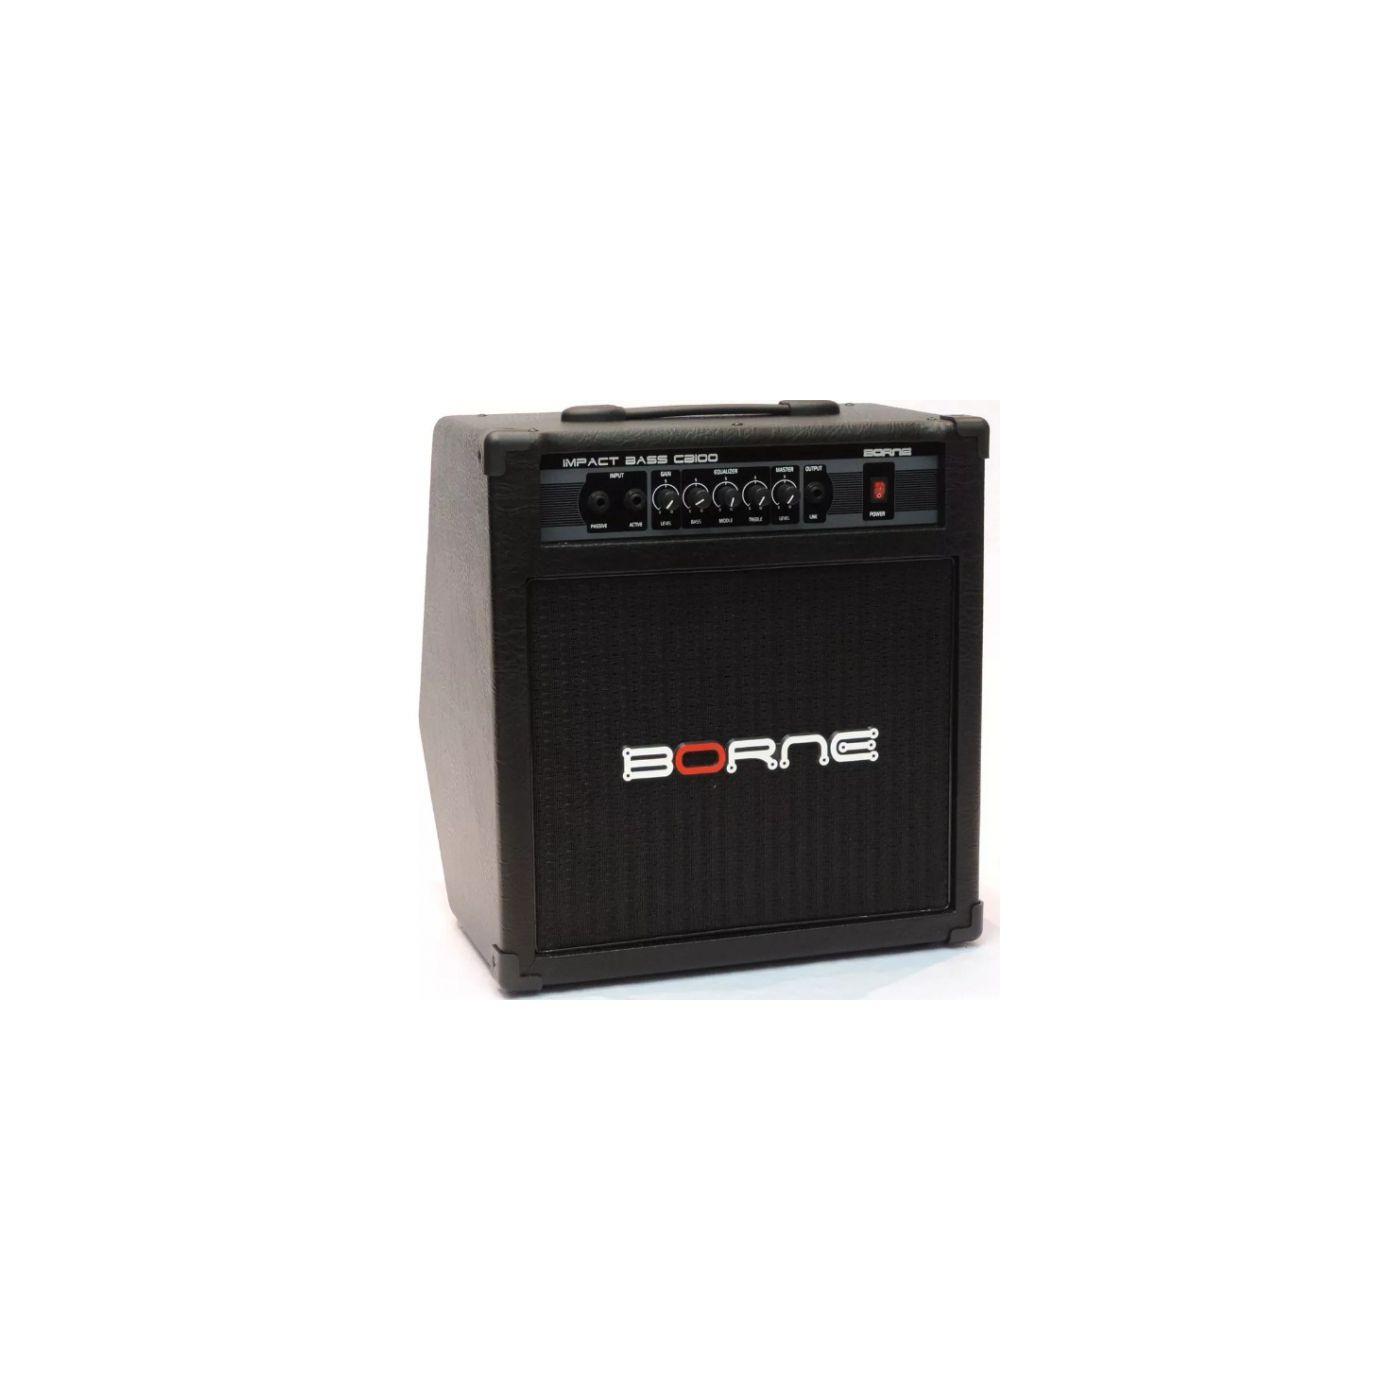 Amplificador de Contrabaixo Borne Impact Bass CB100 70 Watts RMS Preto